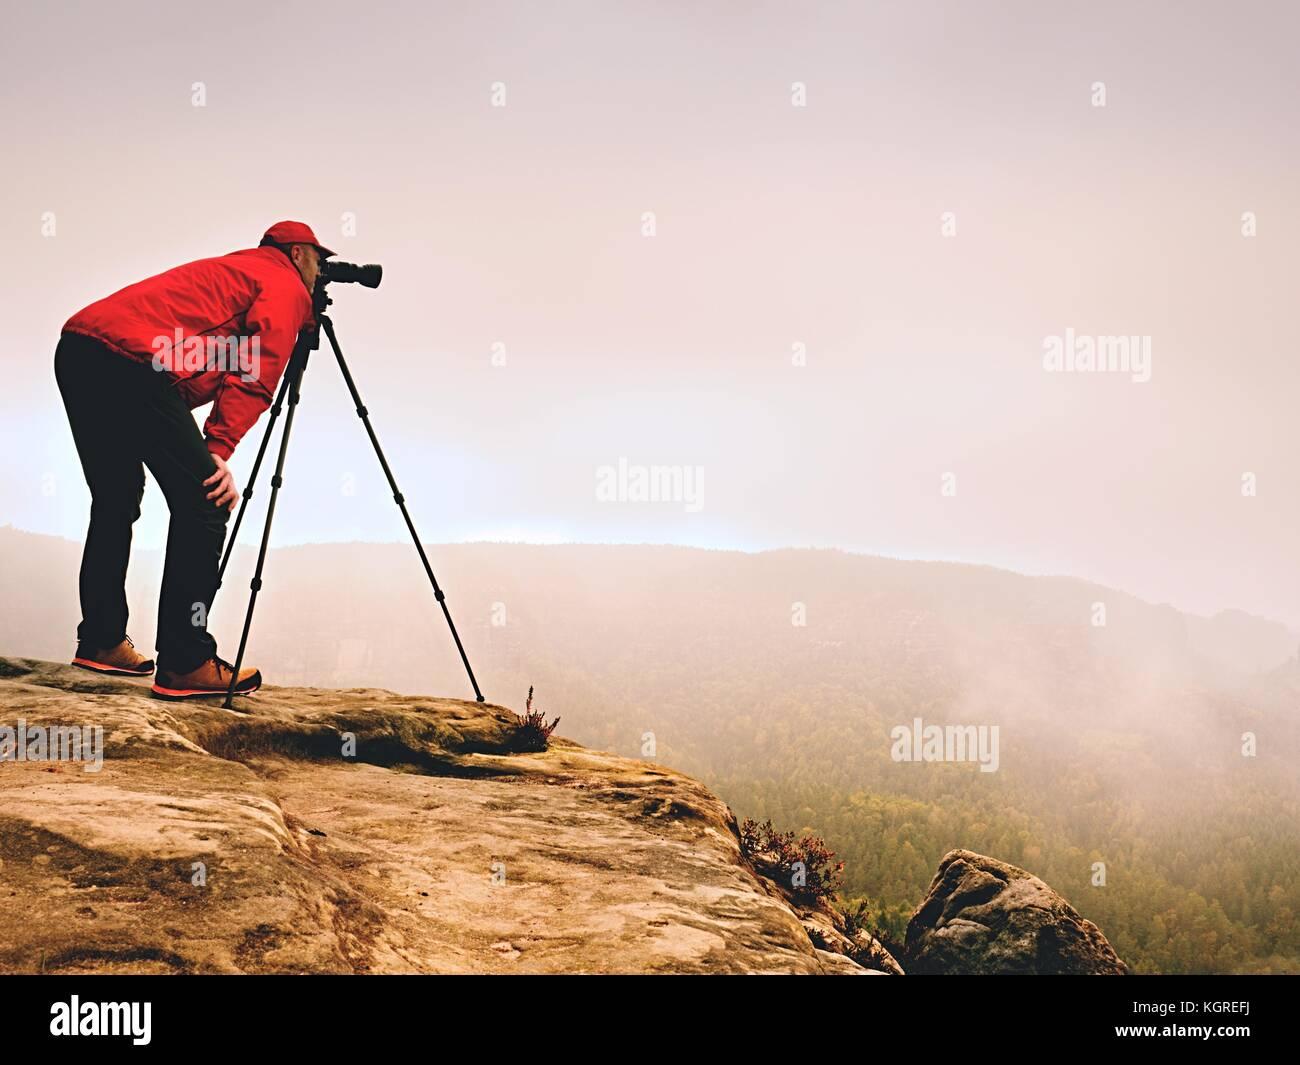 Professionelle Fotografen arbeiten am Berg. Natur Fotograf Fotos mit Spiegel Kamera nimmt auf Felsen über herbstliche Stockbild